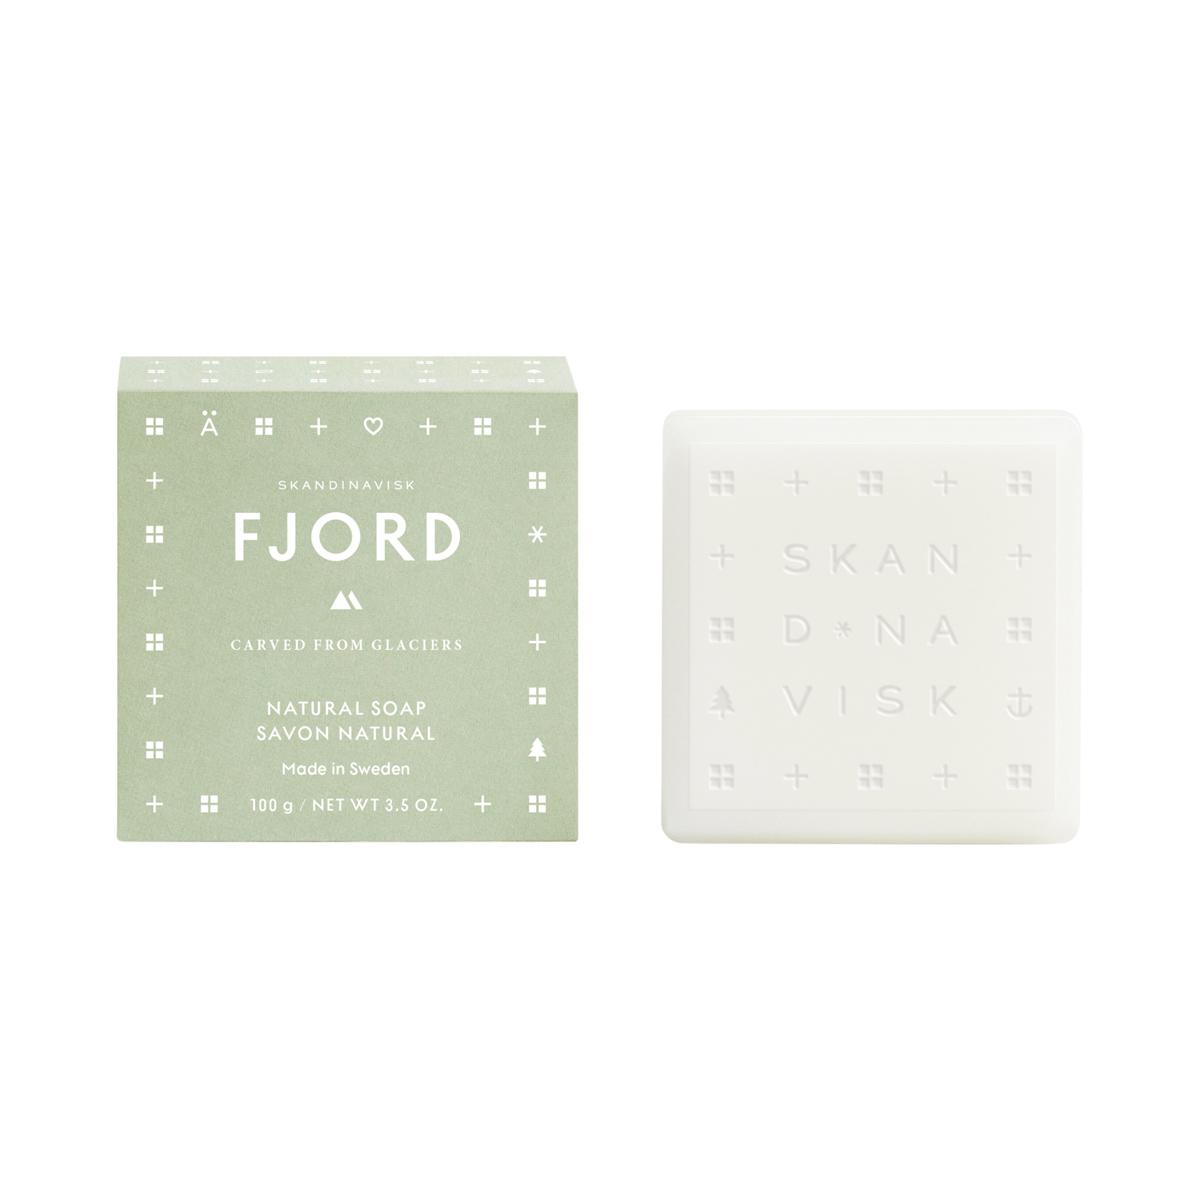 Fjord soap bar